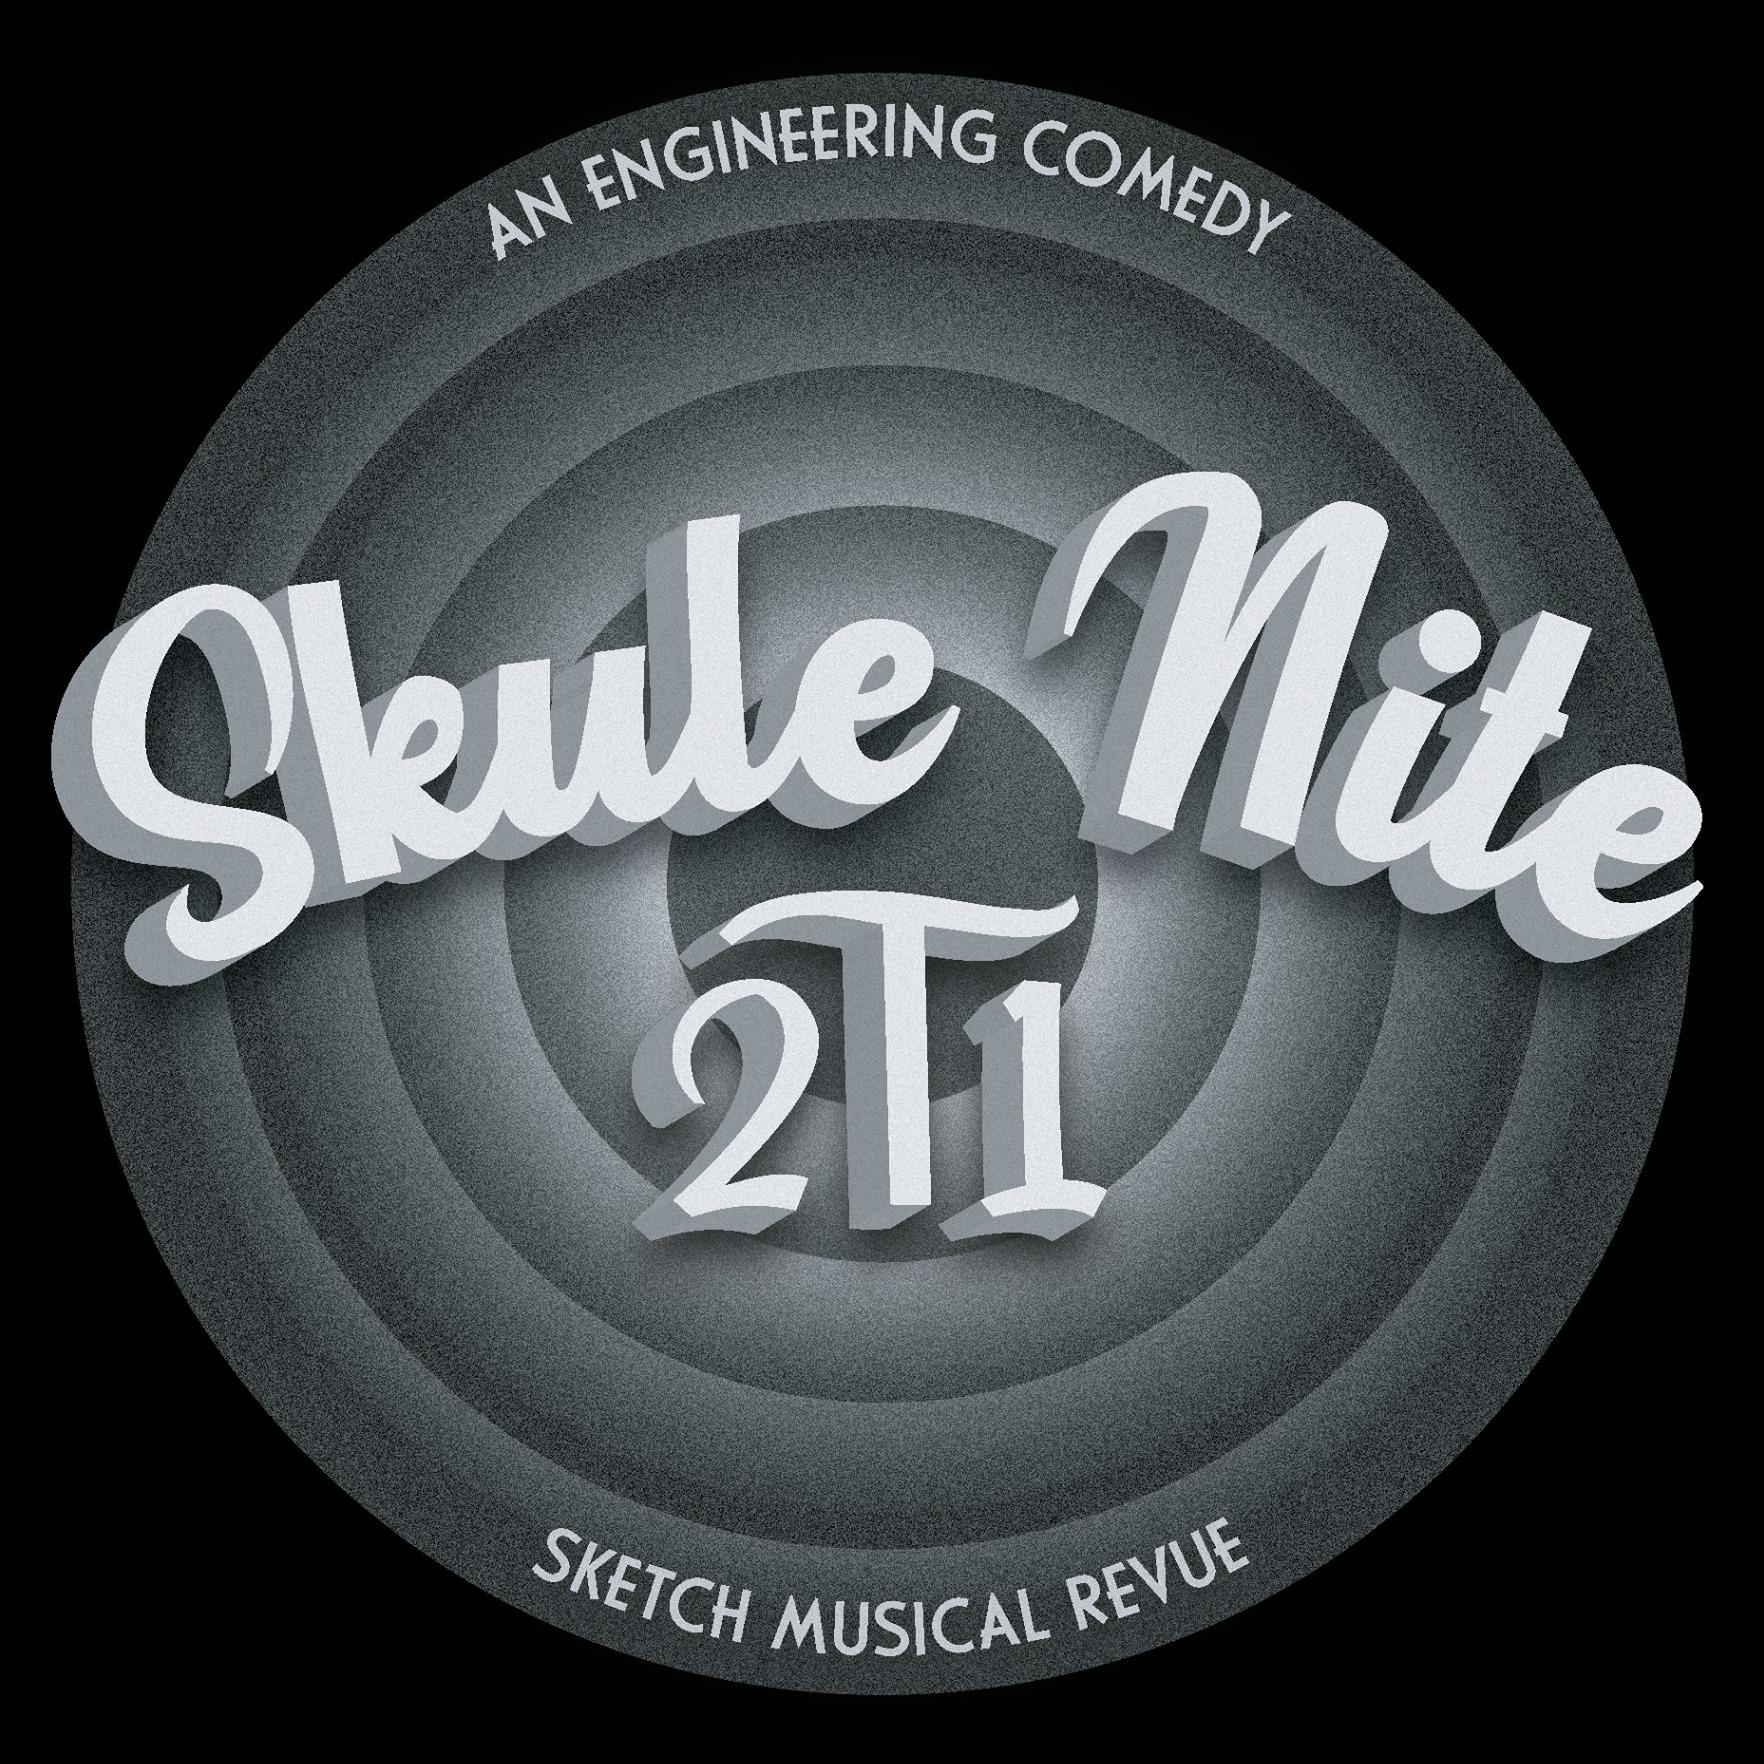 SKULE NITE 2T1